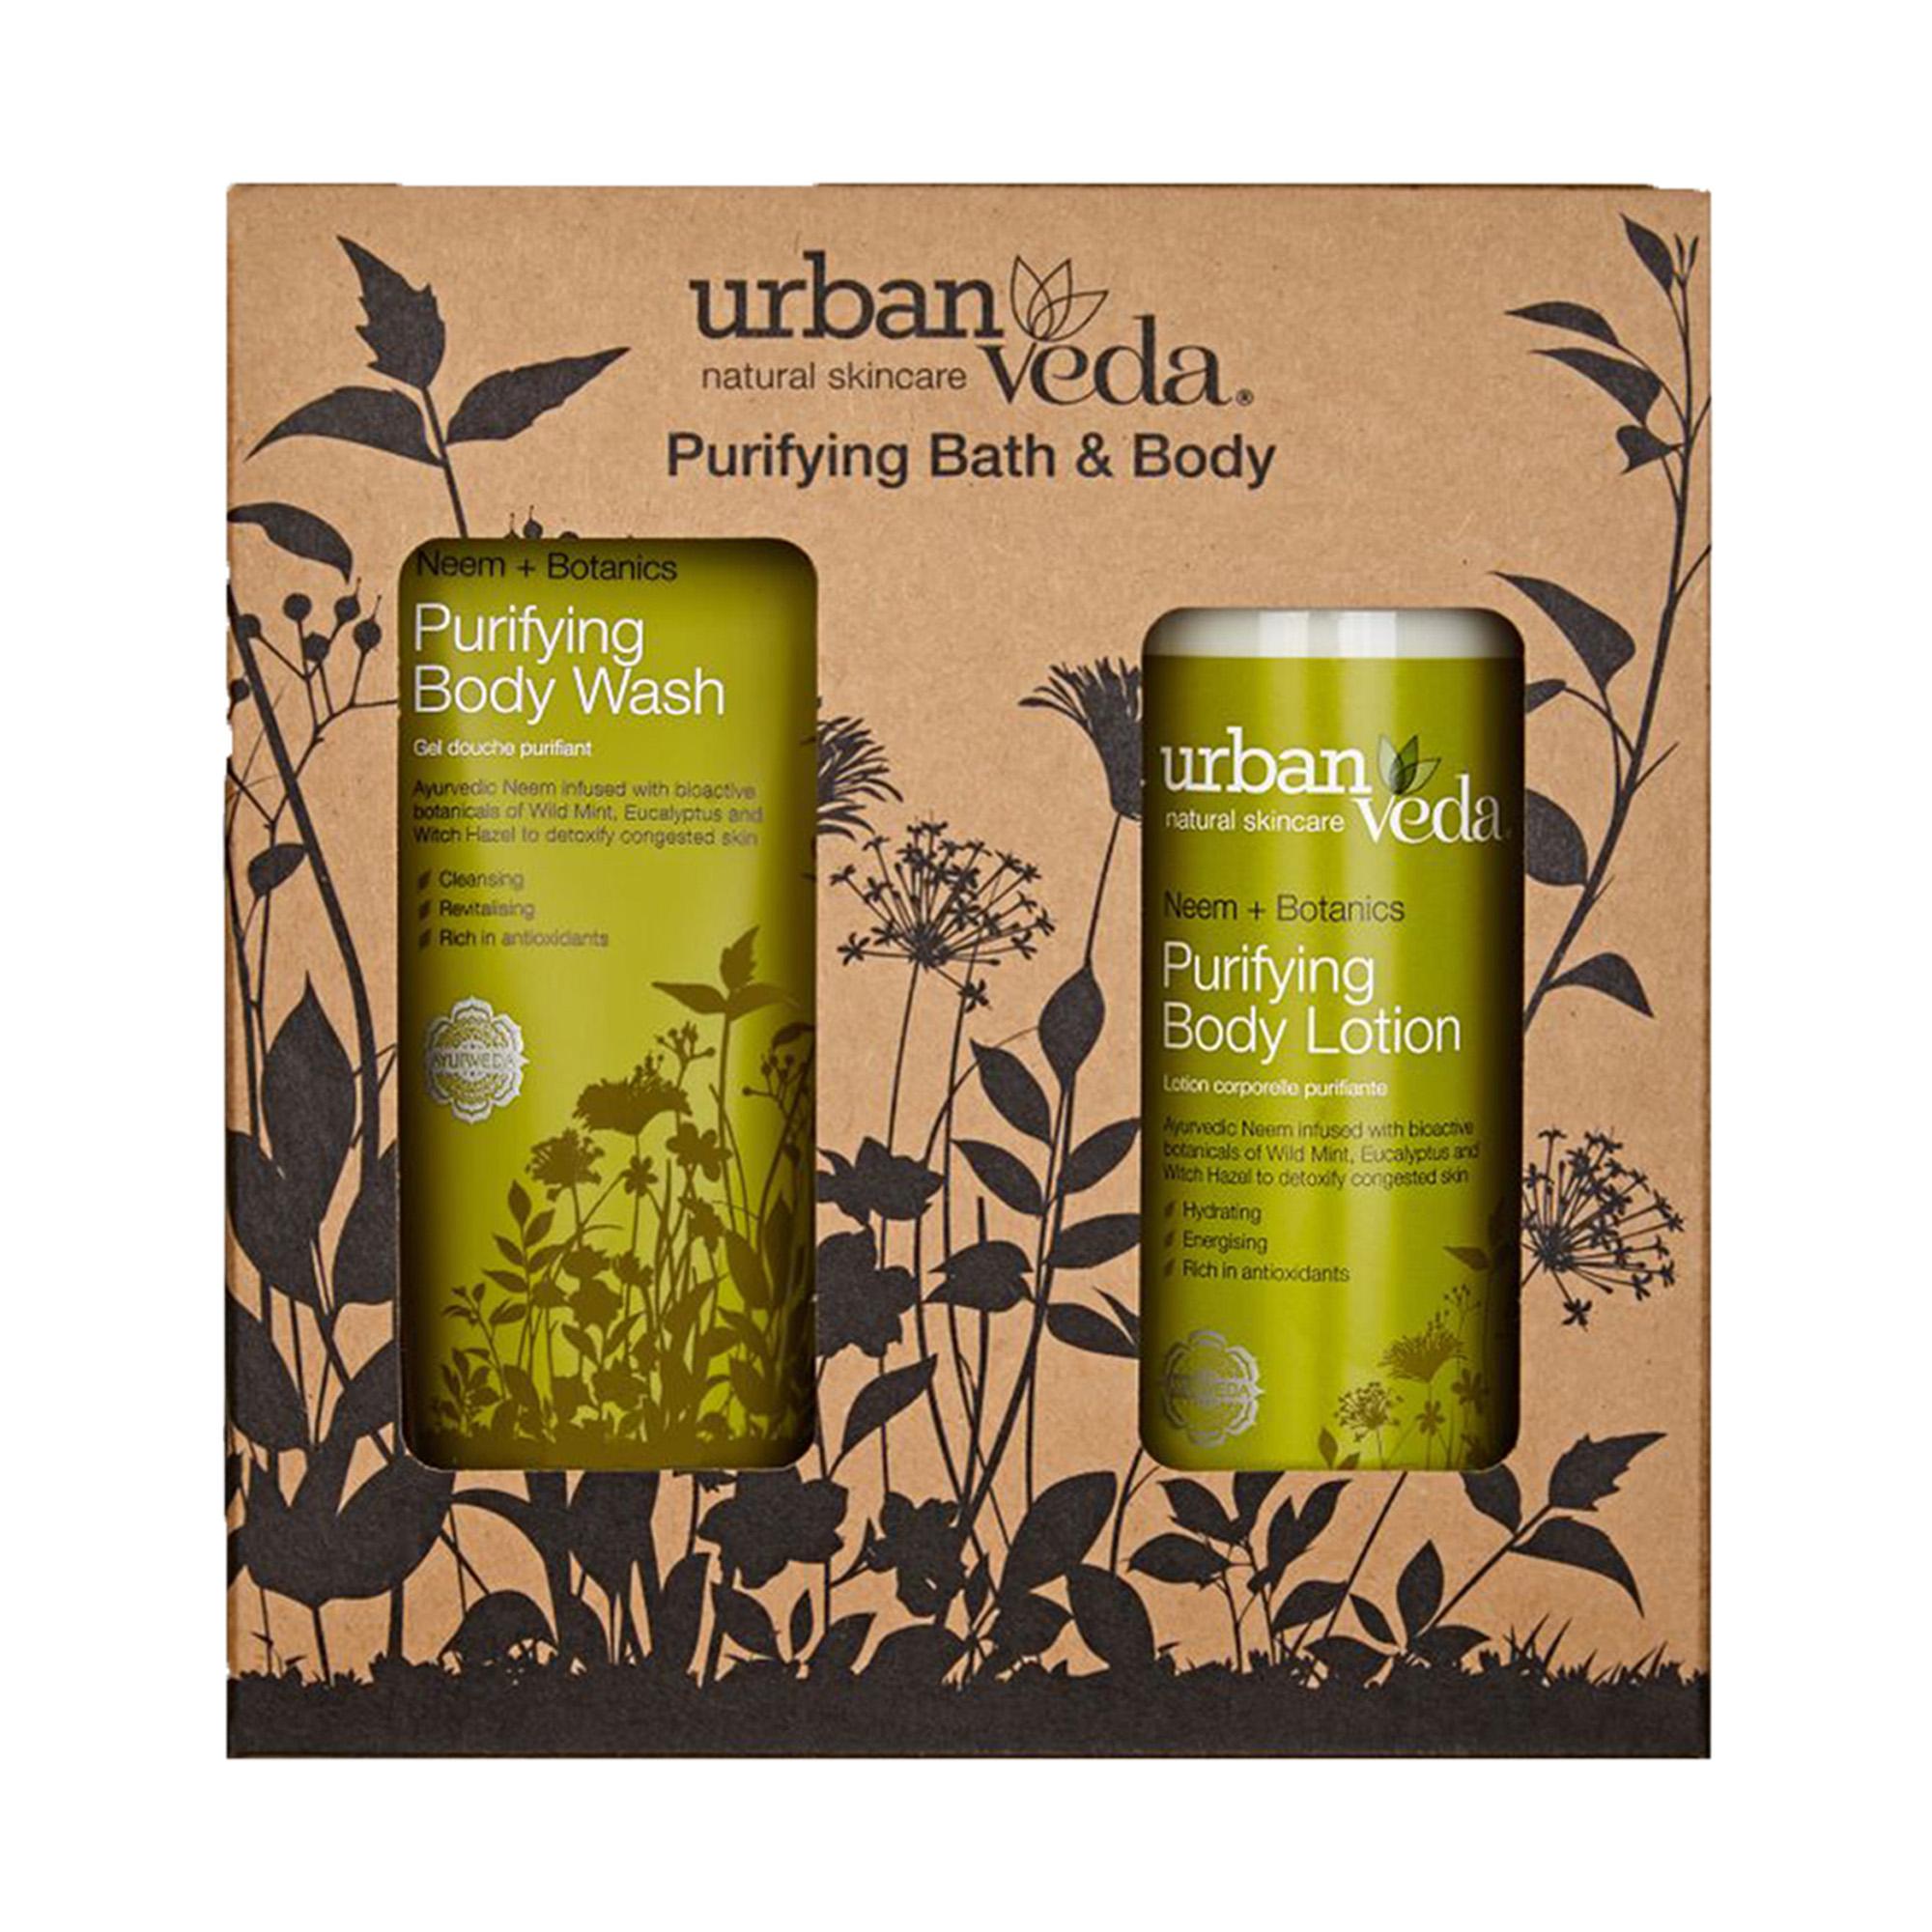 Urban Veda | Urban Veda Purifying Bath & Body